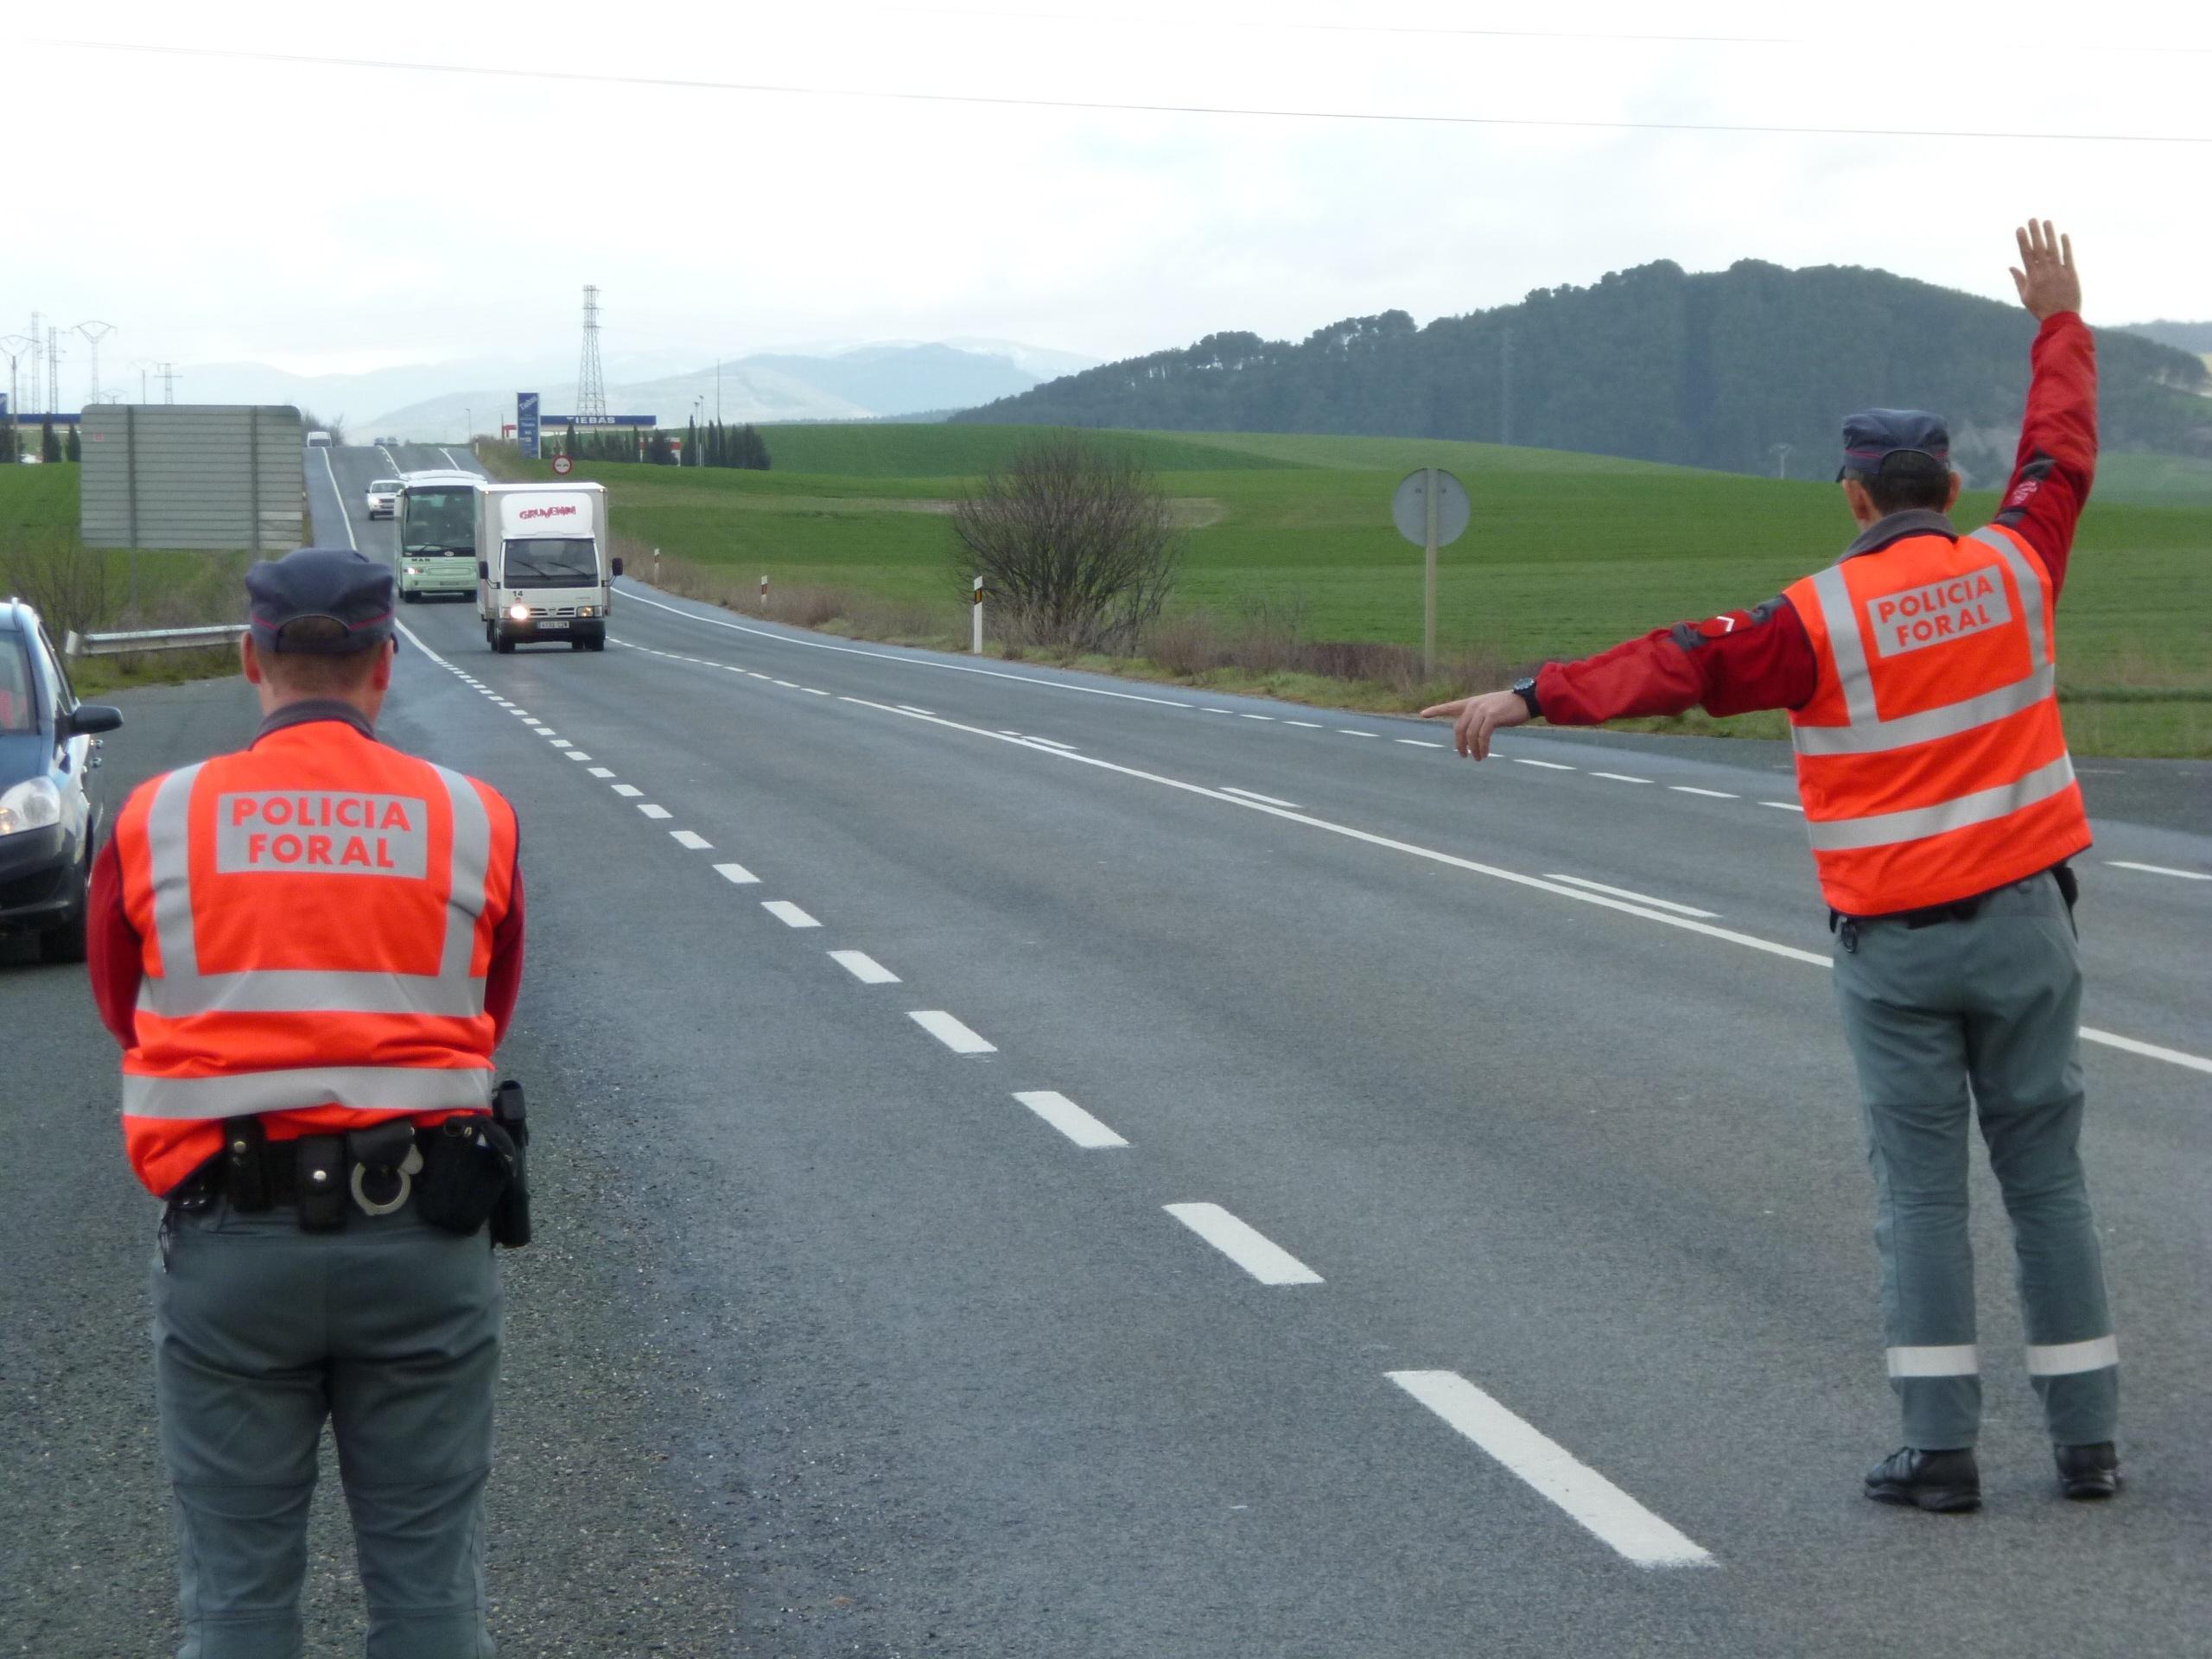 La próxima semana tendrá lugar una campaña especial de control y vigilancia de camiones, furgonetas y autobuses